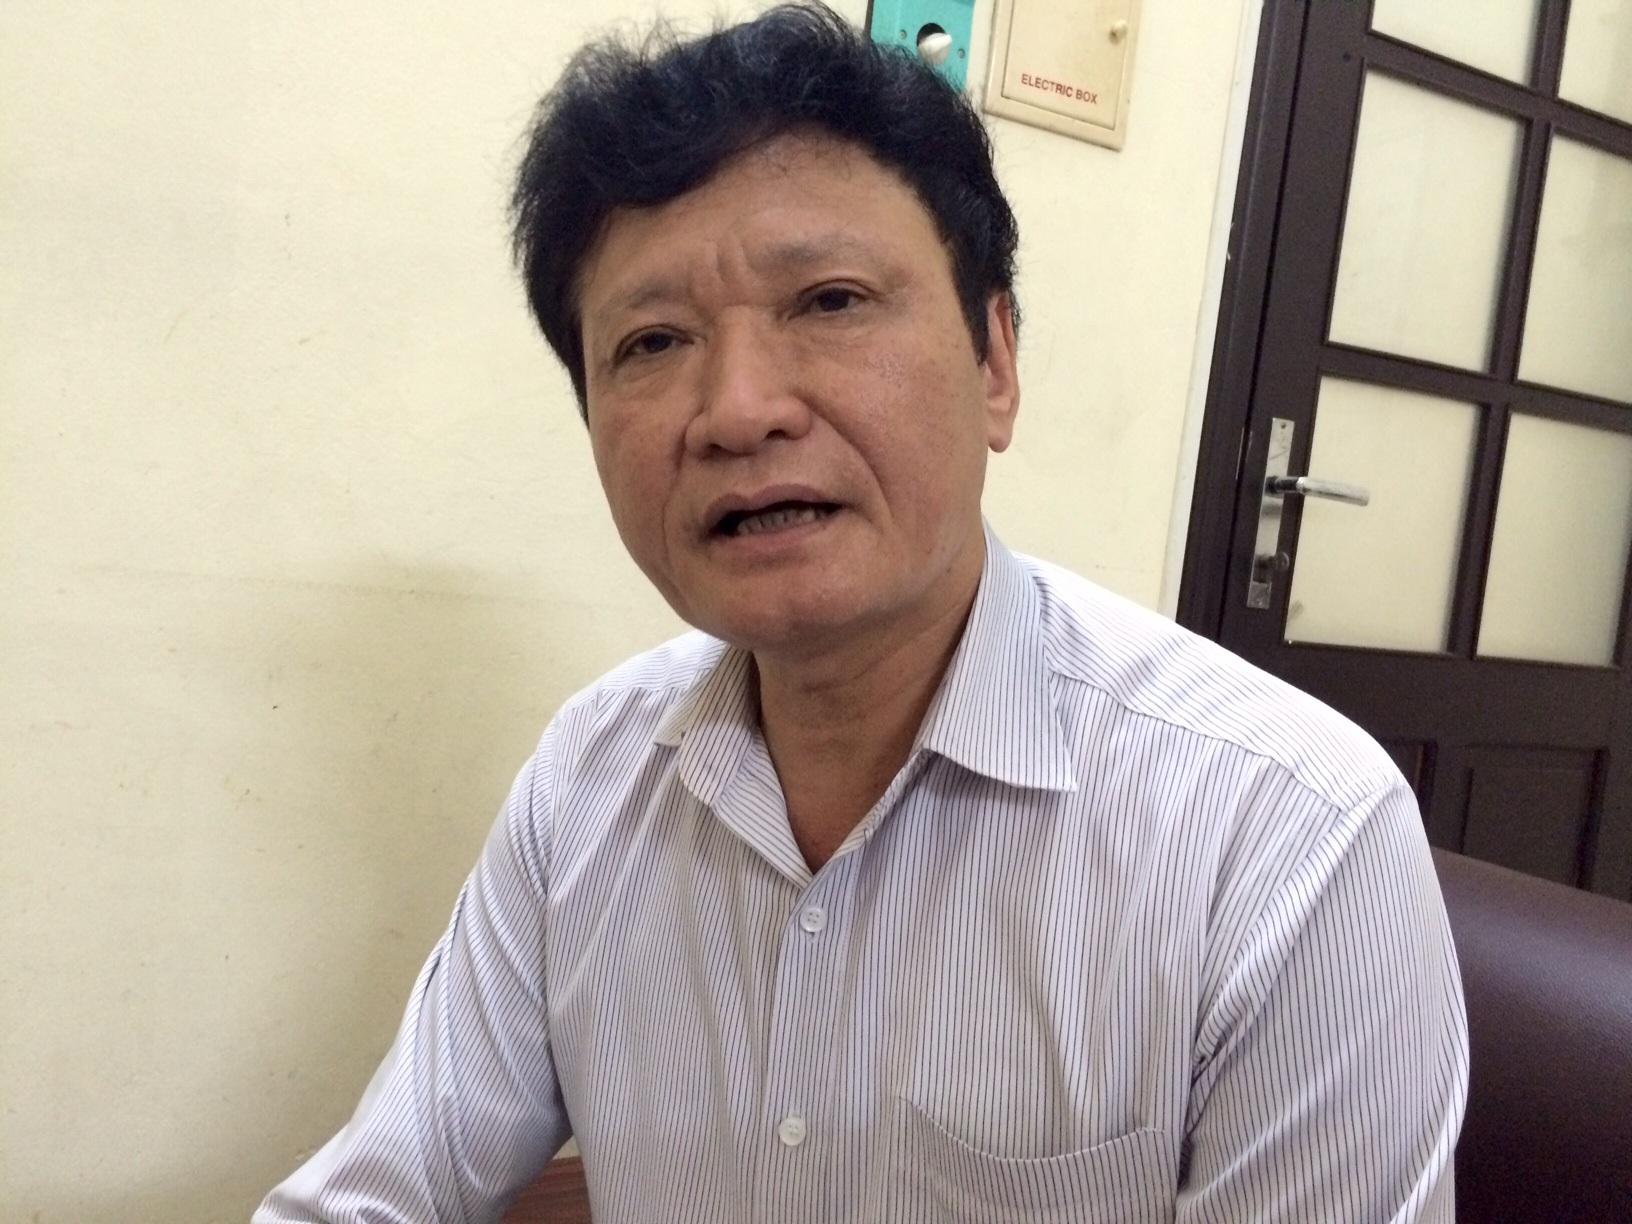 kieu-son-ban-thi-dua-khen-thuong-1469076248965